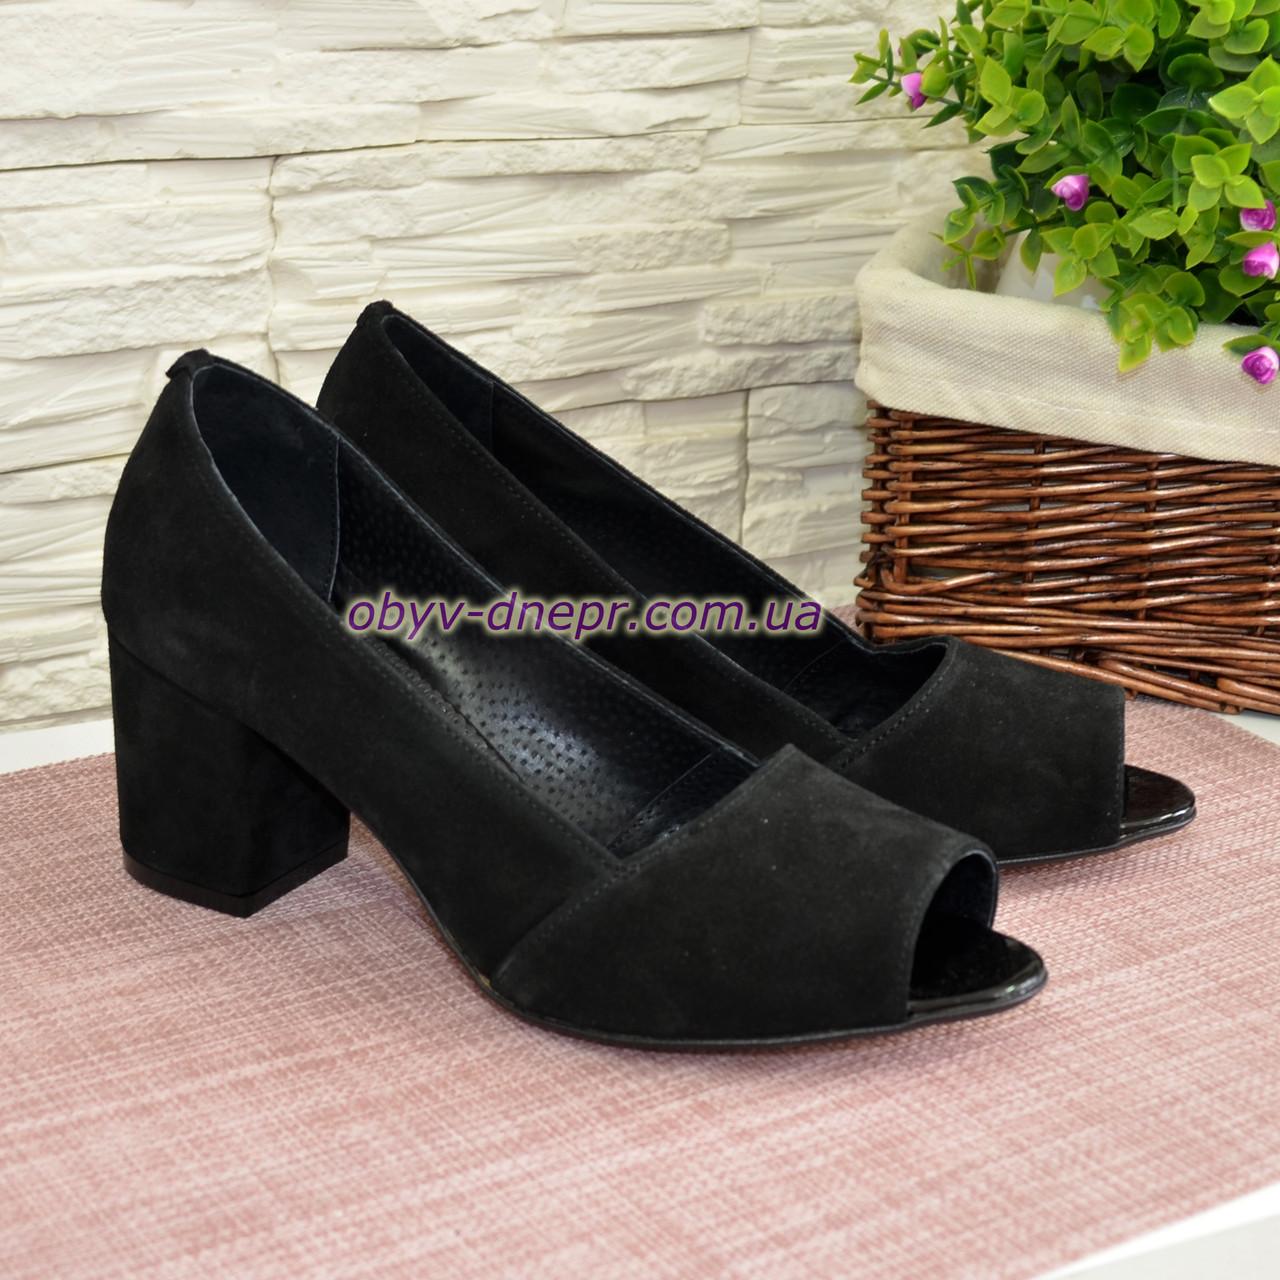 Туфлі замшеві з відкритим носком, на невисокому стійкому каблуці